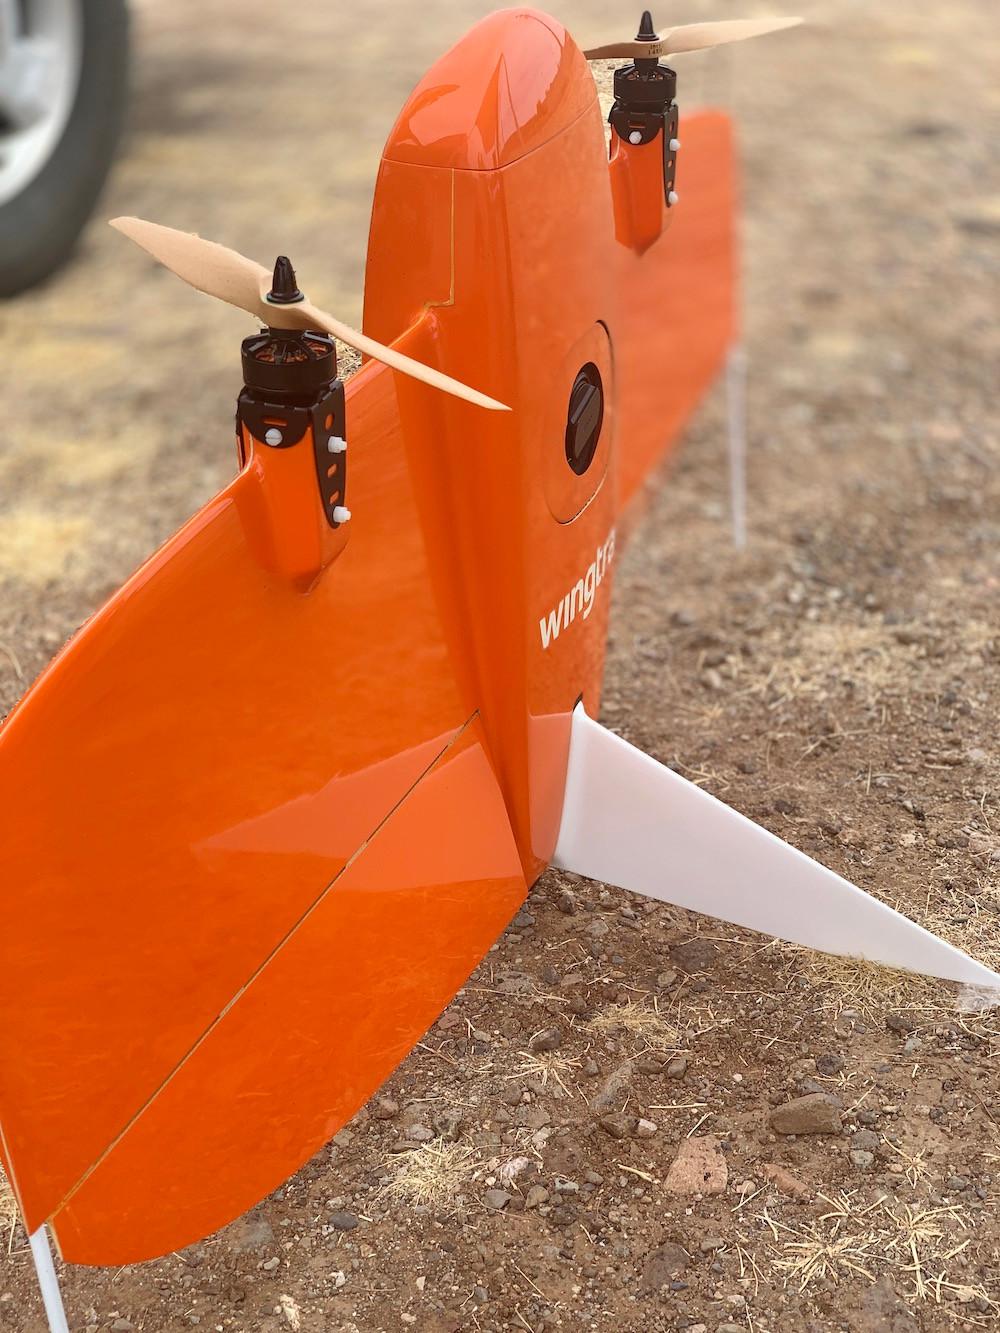 FireflyPPK / WingtraOne PPK Fixed-wing